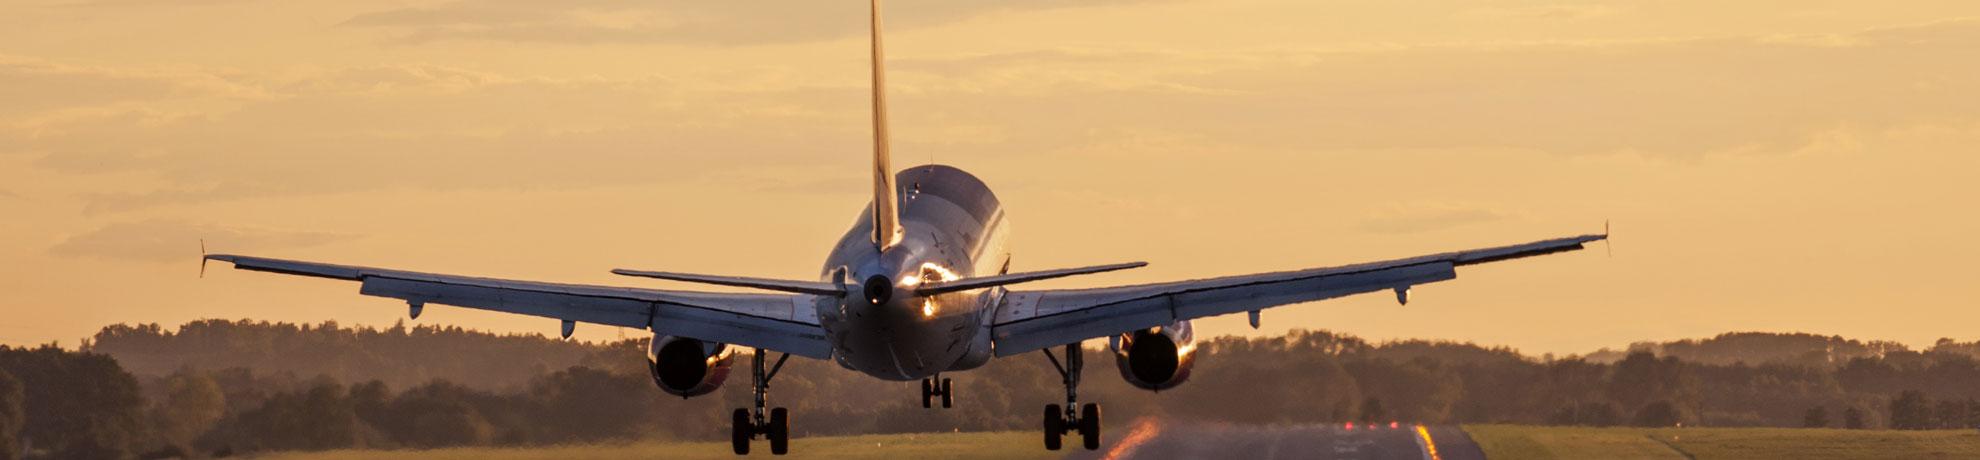 Conseils pratiques pour améliorer son expérience à l'aéroport avant son circuit aux USA